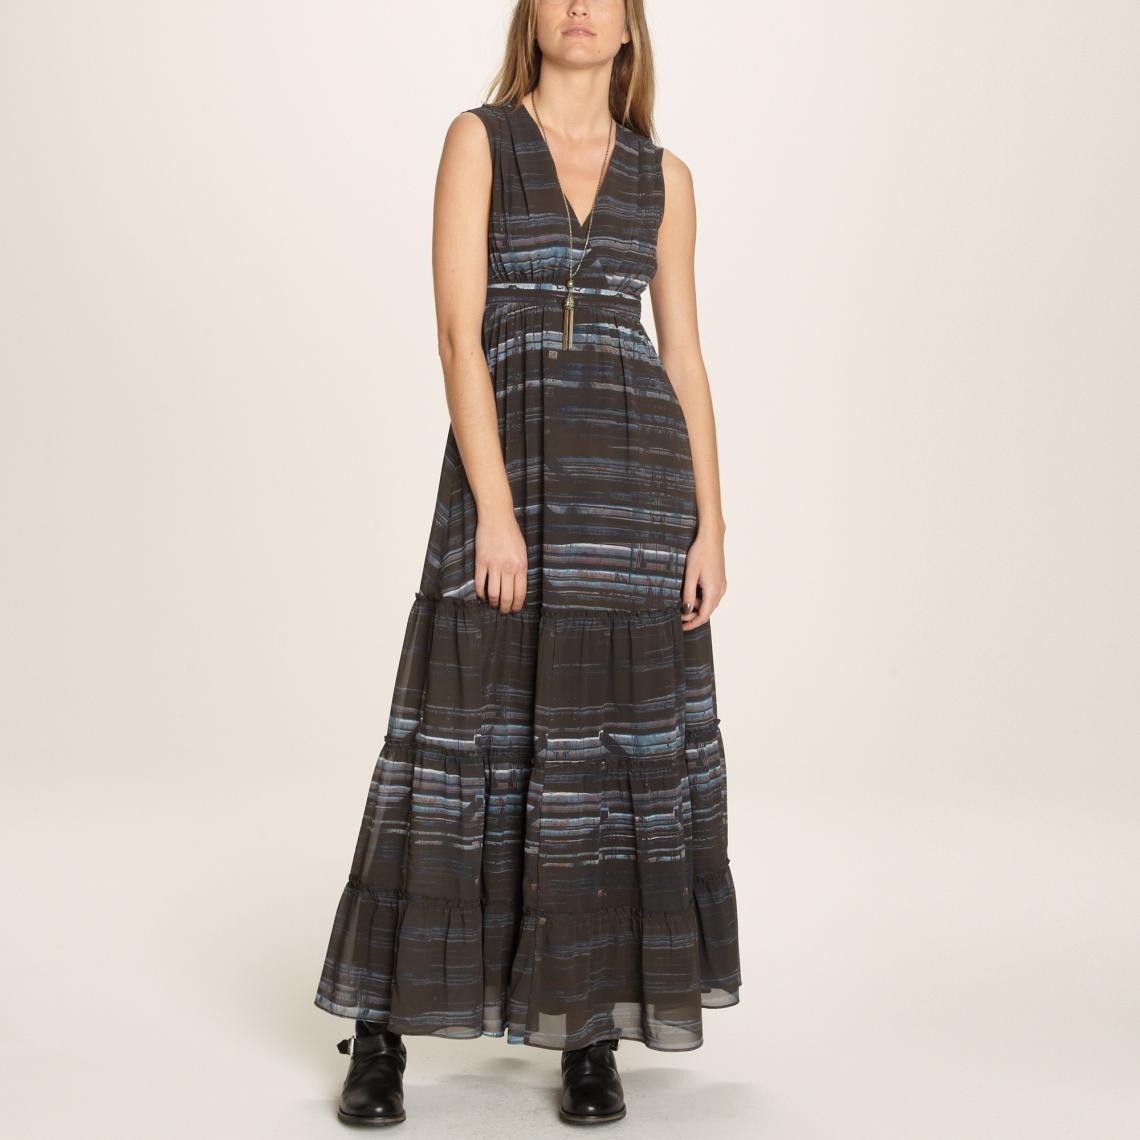 Promo : Robe longue femme 1060 - Multicolore